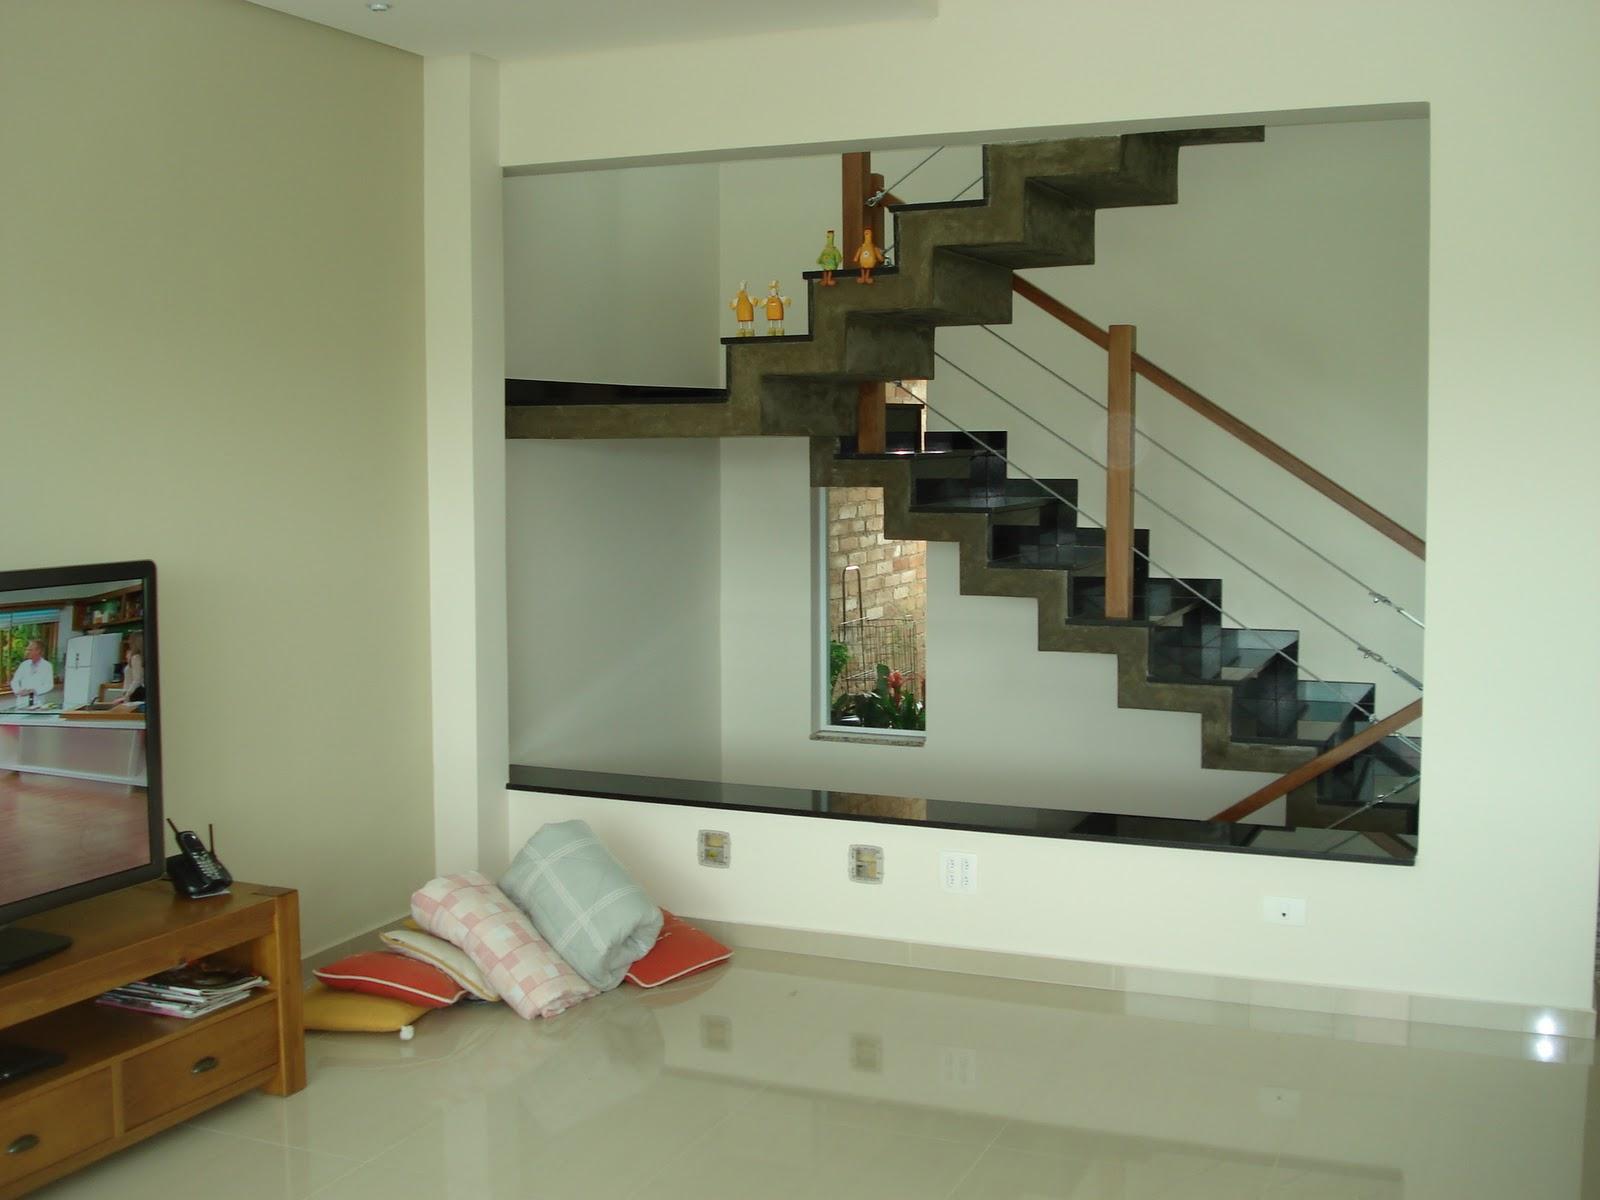 Nasce uma casa ***** O dia a dia de uma construção: Organizando a  #67441F 1600x1200